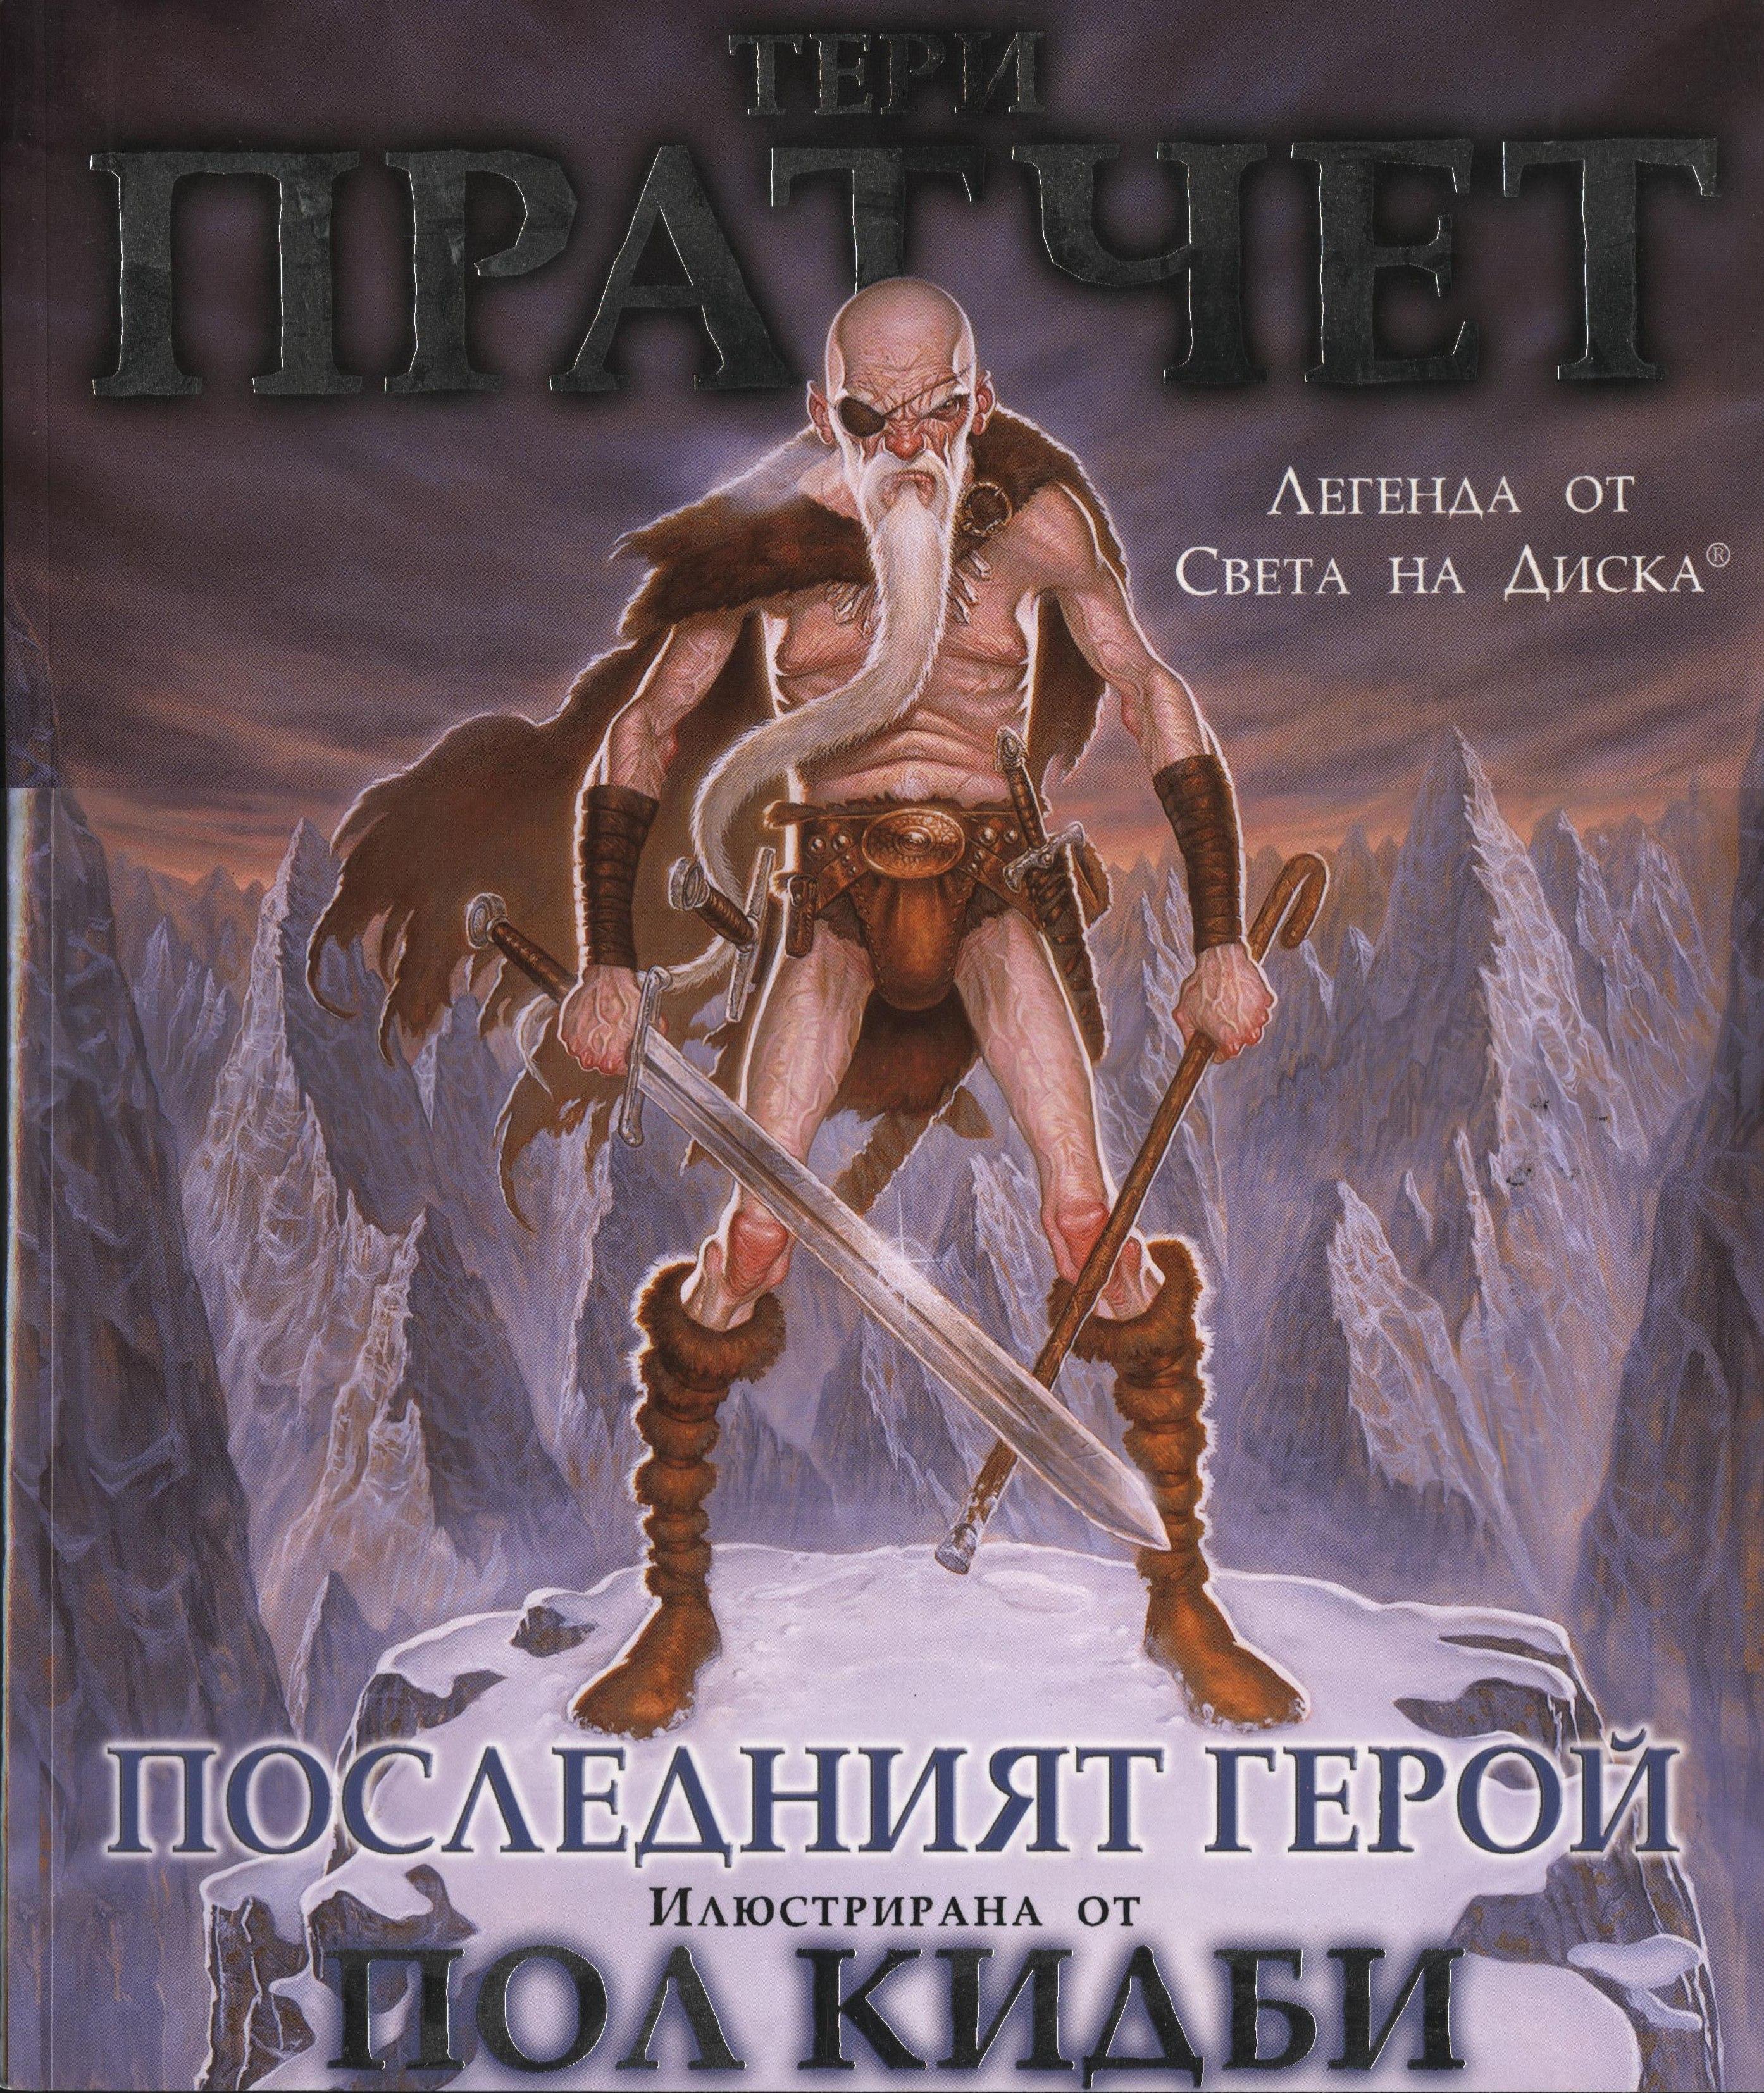 Последният герой (Истории от Света на Диска, #27)